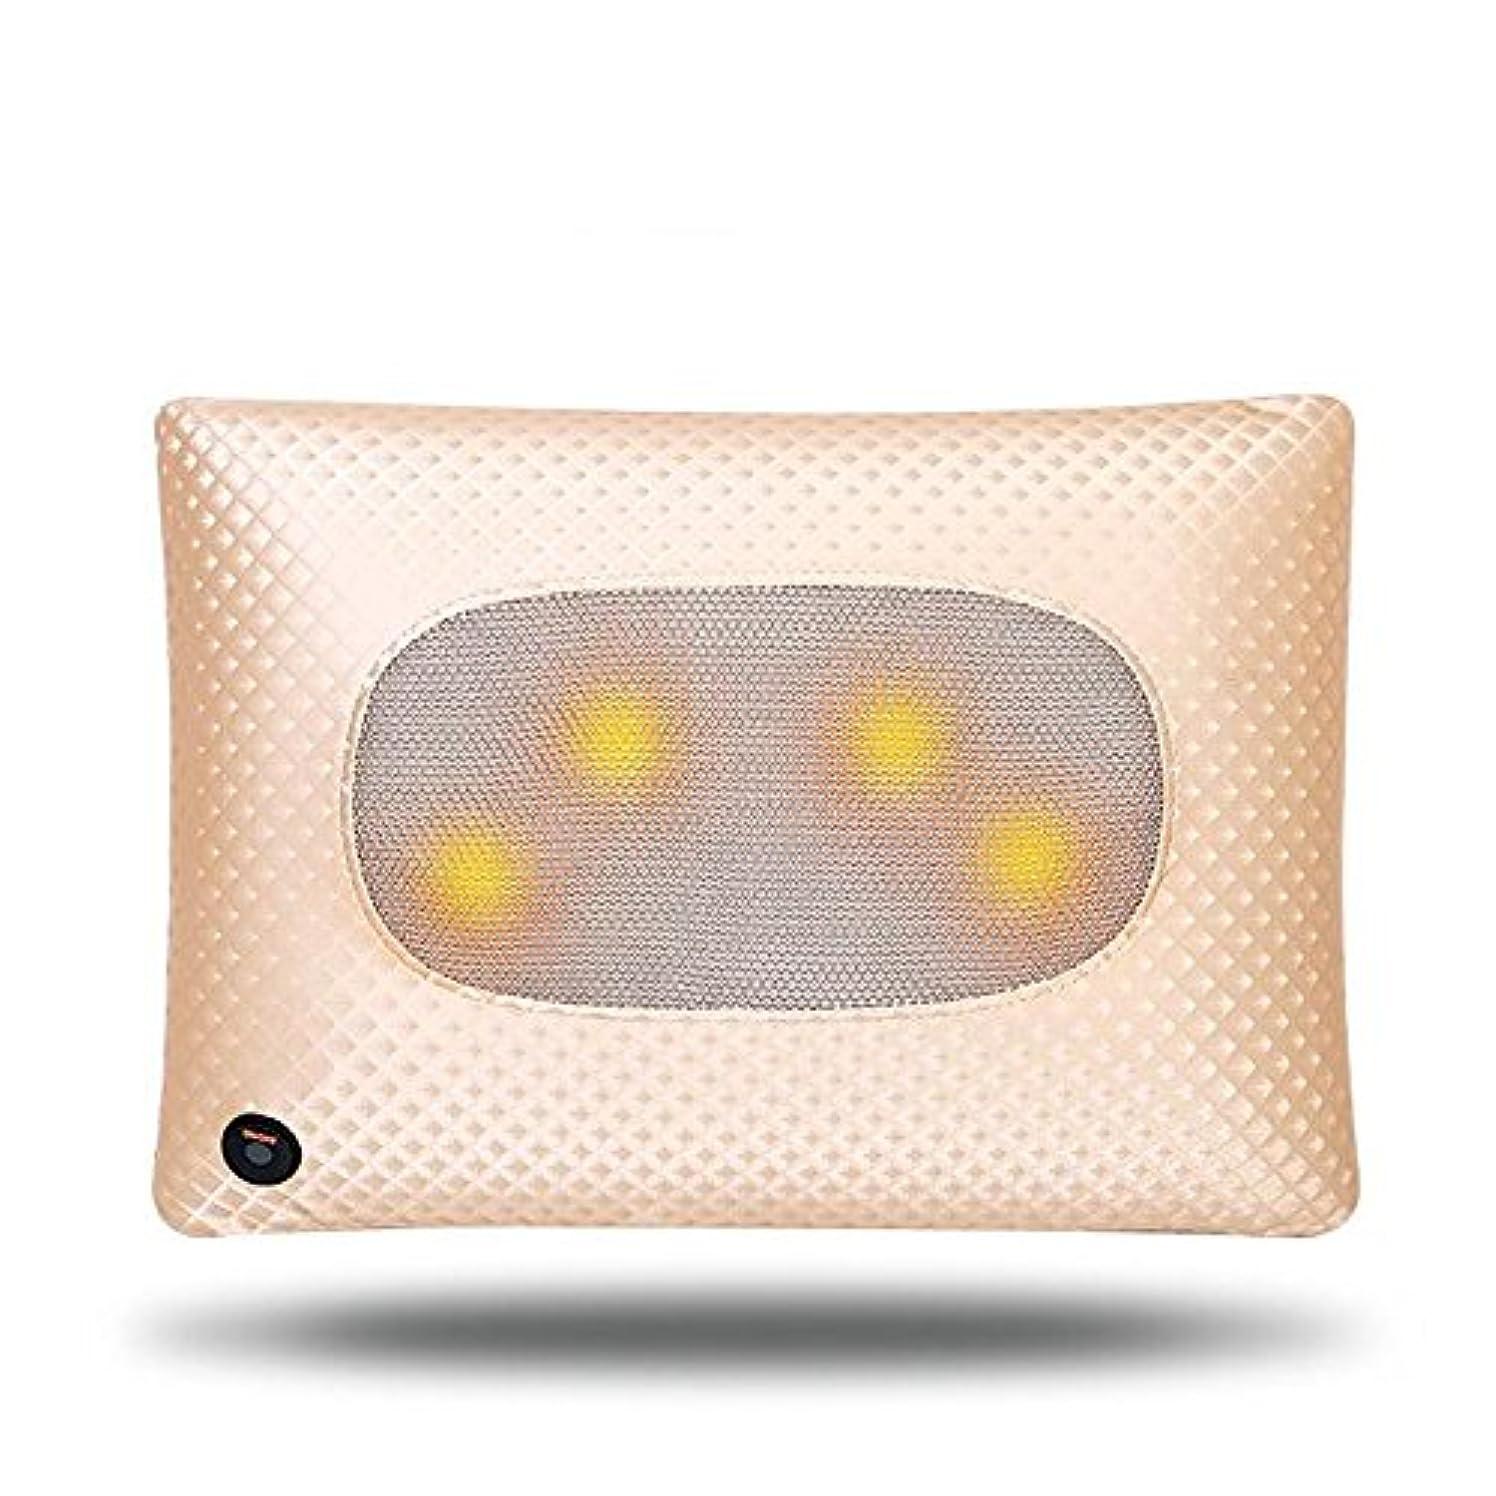 ジョージハンブリーネコセンサーHAIZHEN マッサージチェア ホーム枕マッサージ多機能マッサージピロー混和マッサージ (色 : ゴールド)